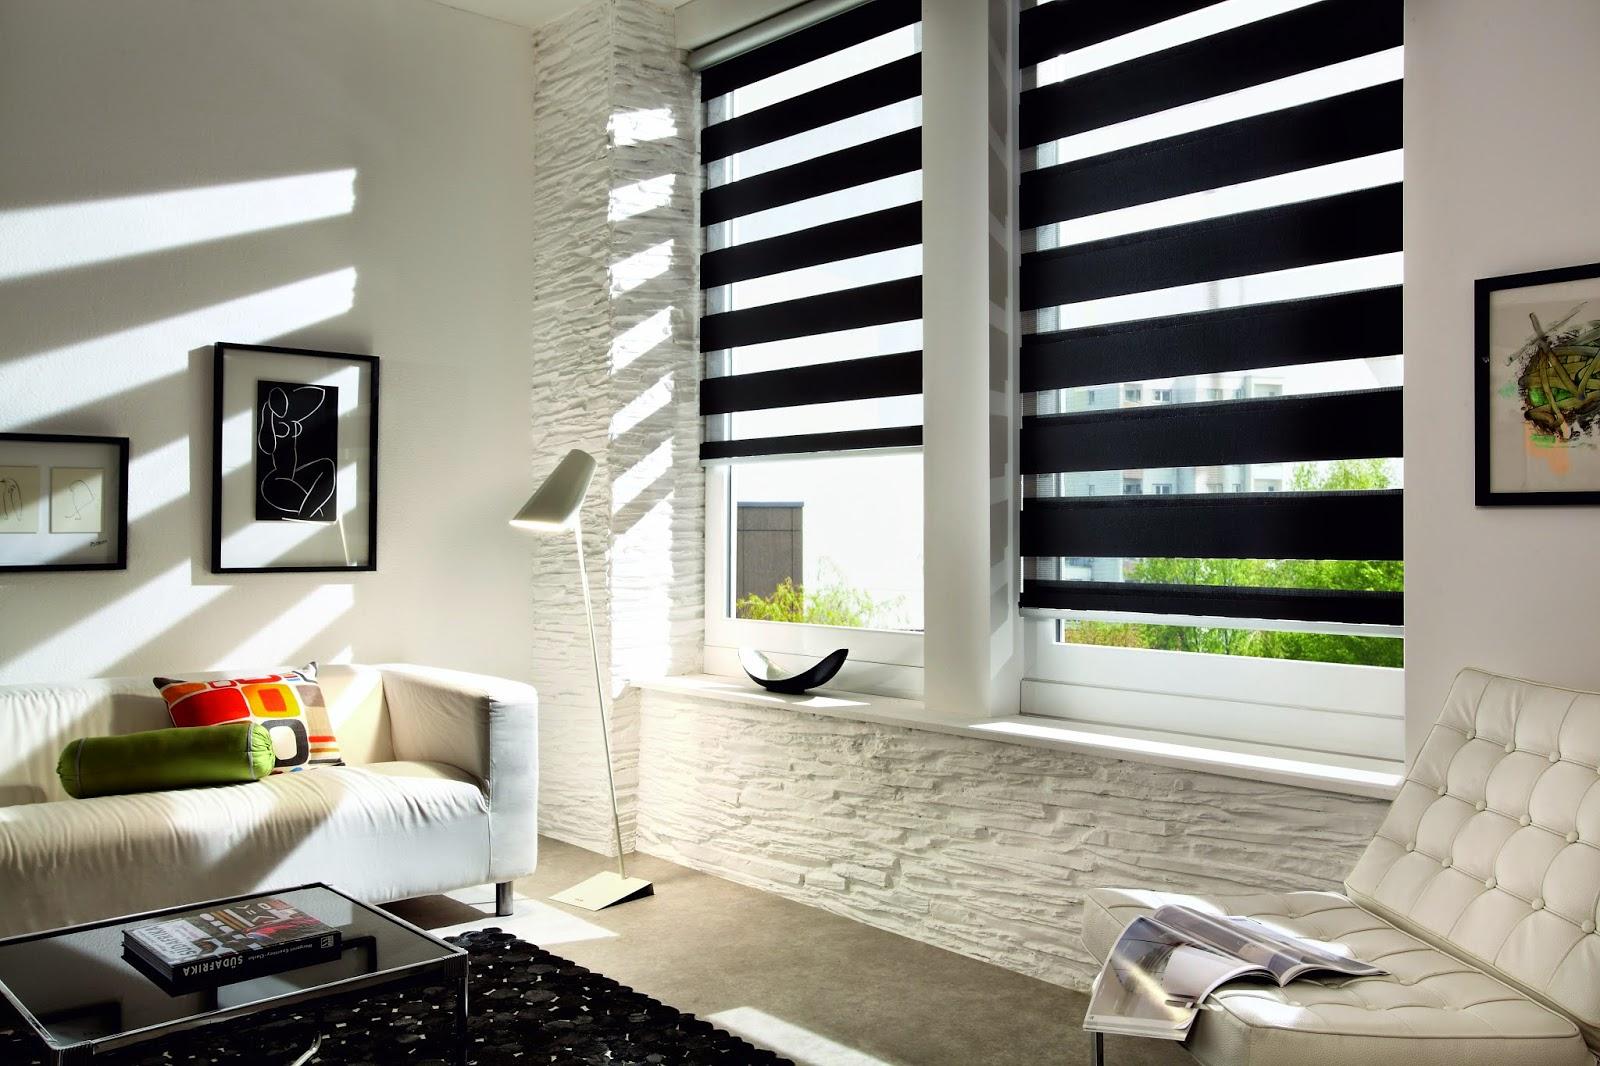 ontwerpfabriek snor 6 tips voor raamdecoratie. Black Bedroom Furniture Sets. Home Design Ideas